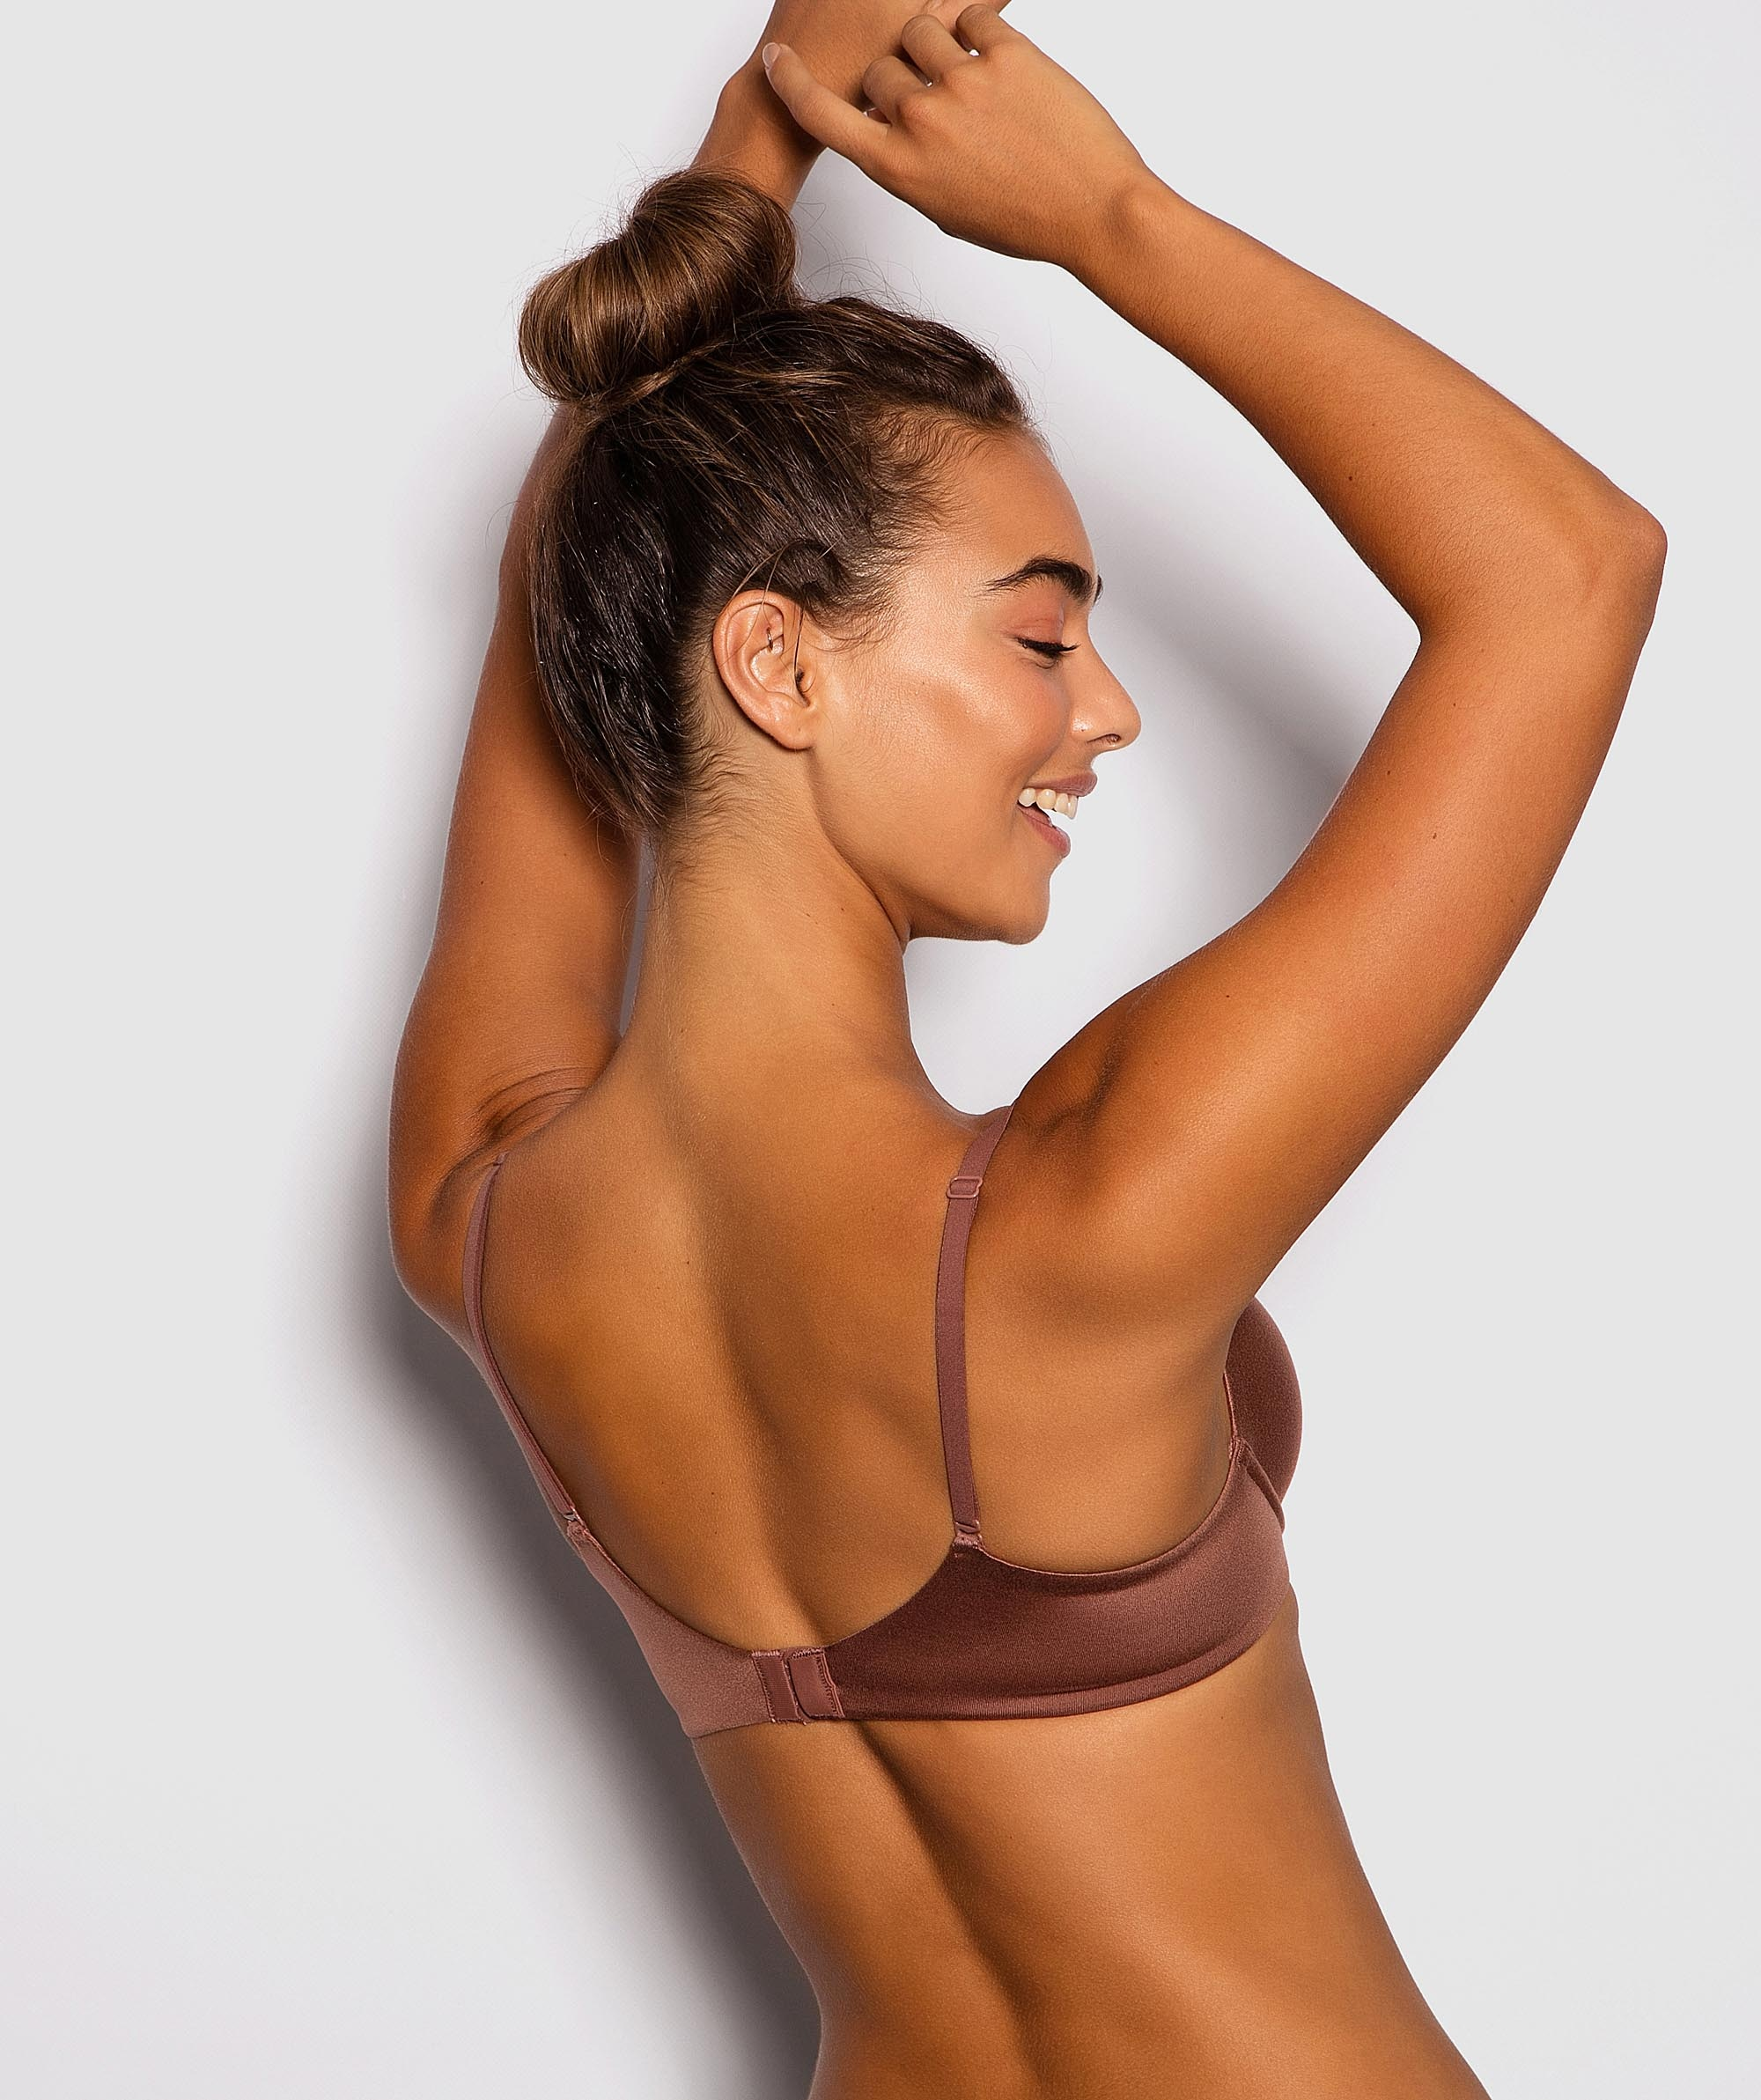 Body Bliss Contour Bra - Mocha